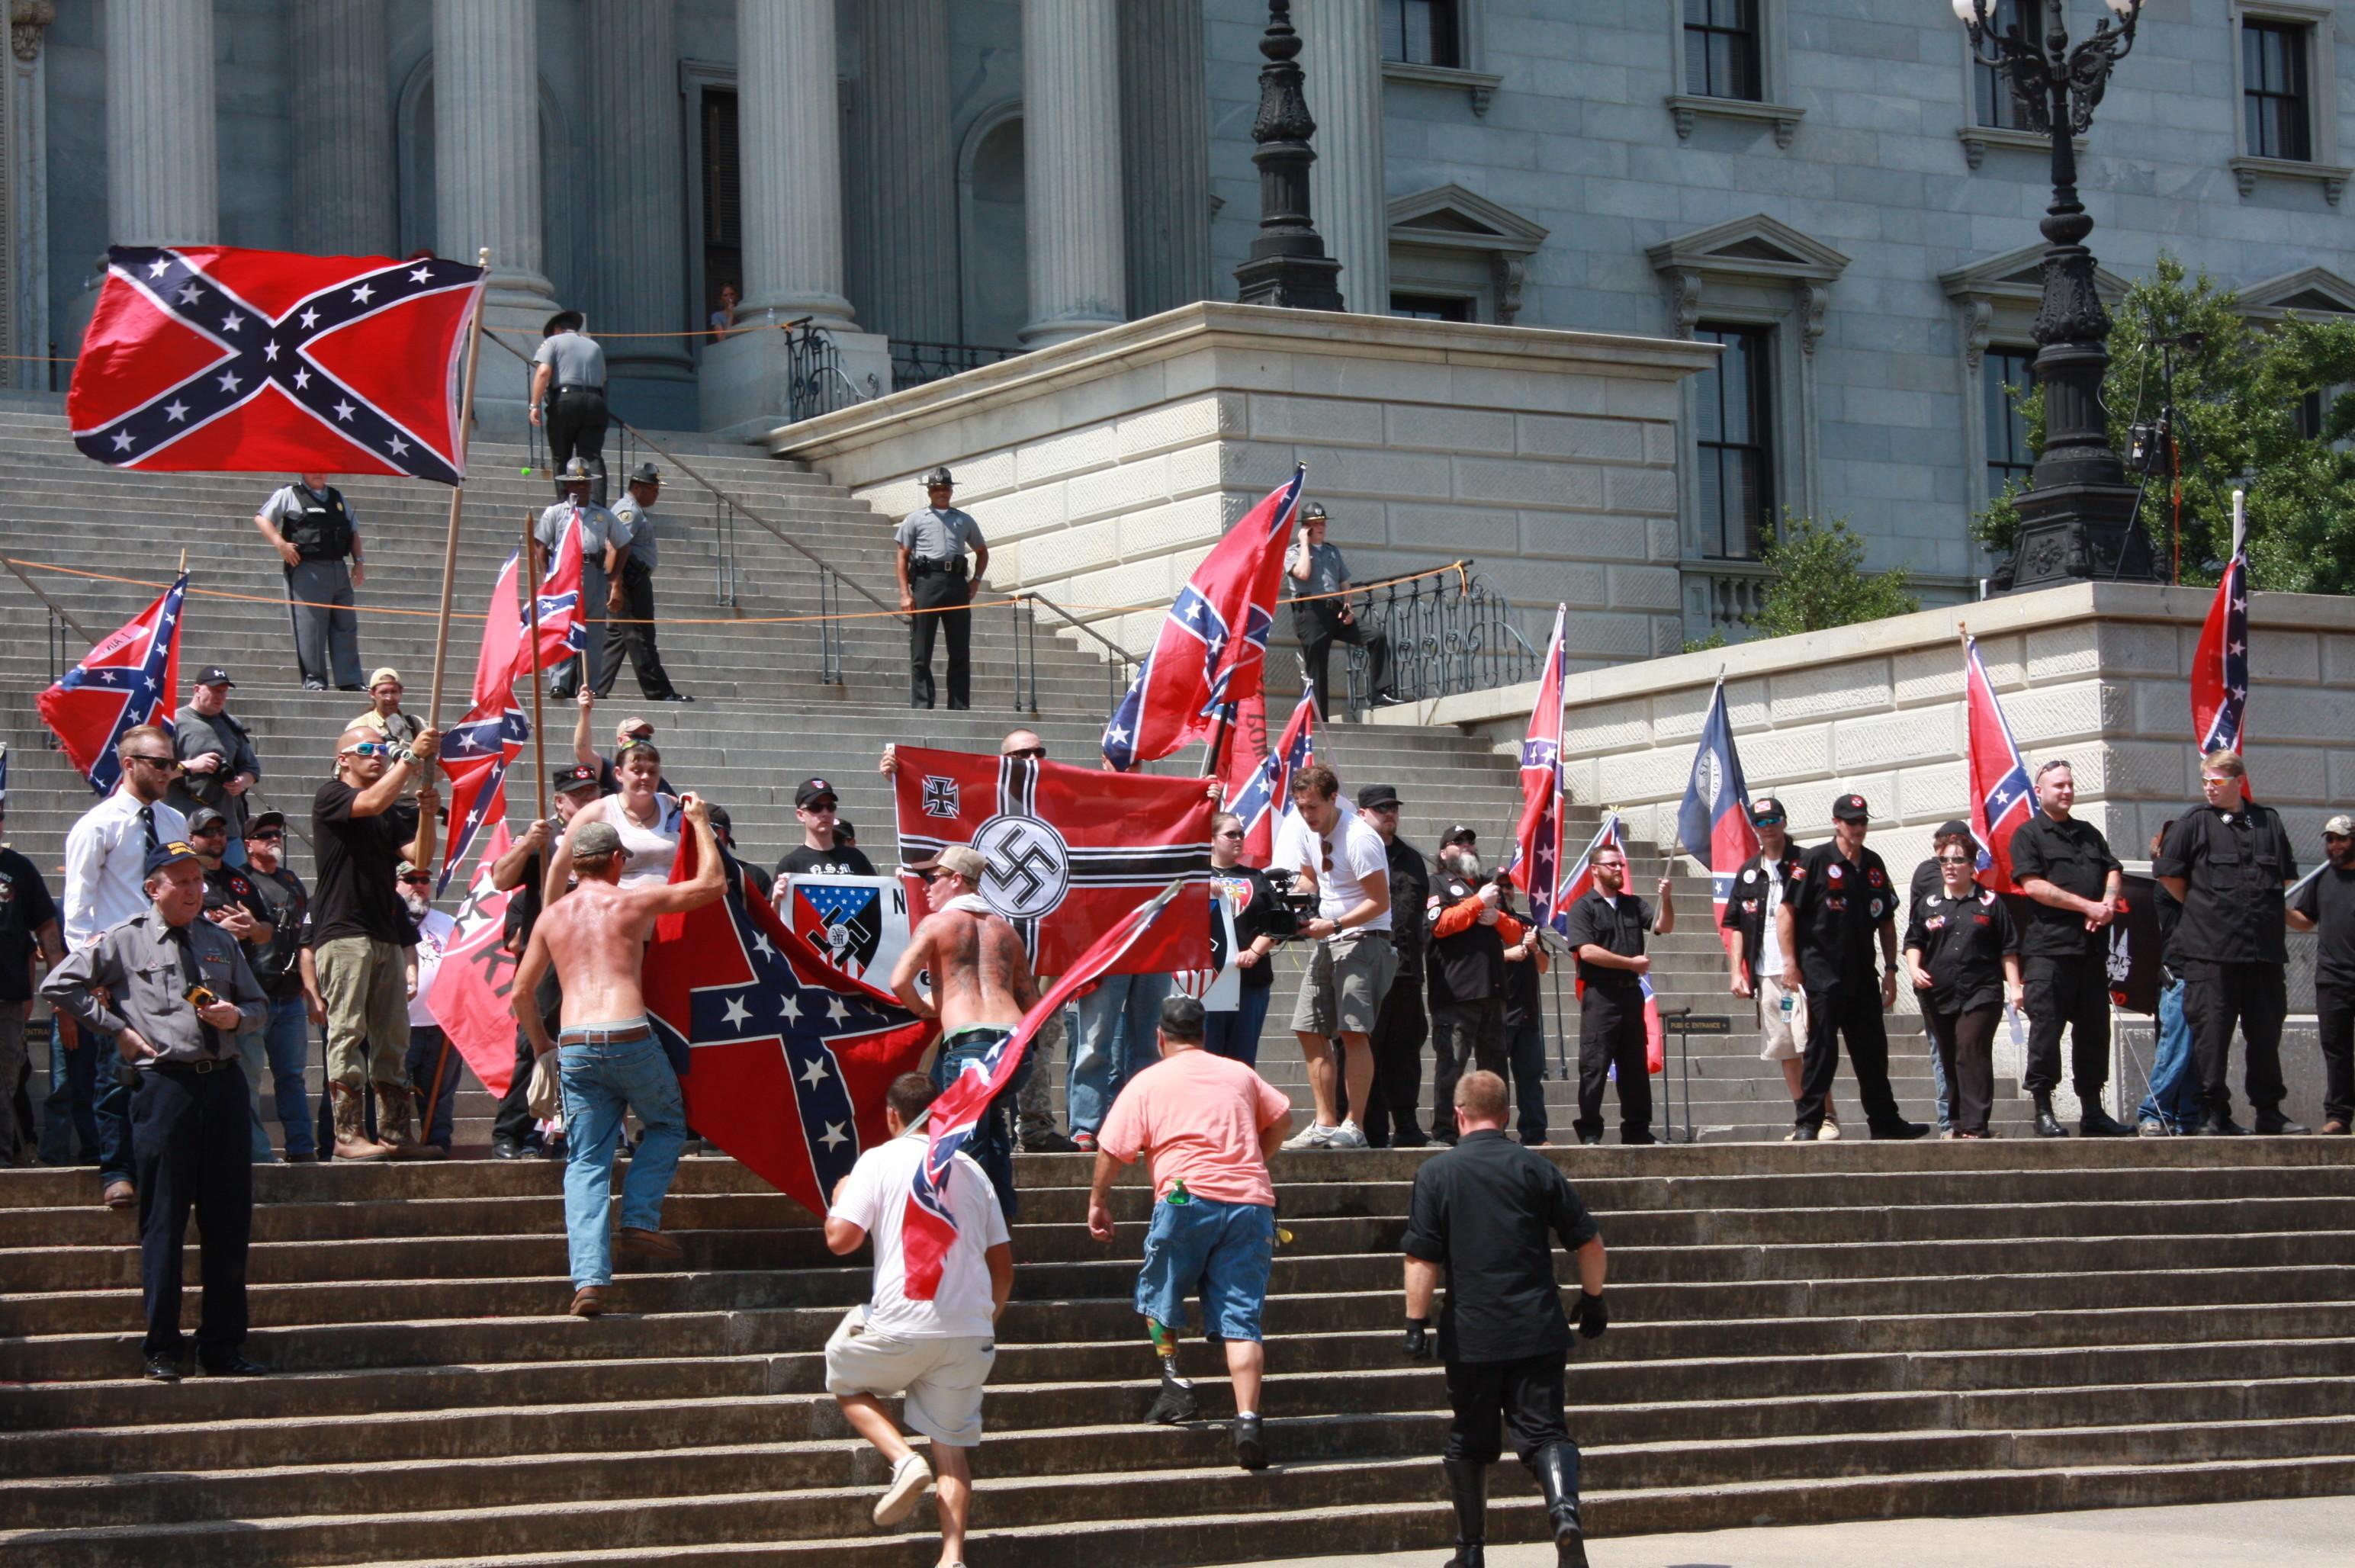 KKK South Carolina Confederate Flag Porotest 008